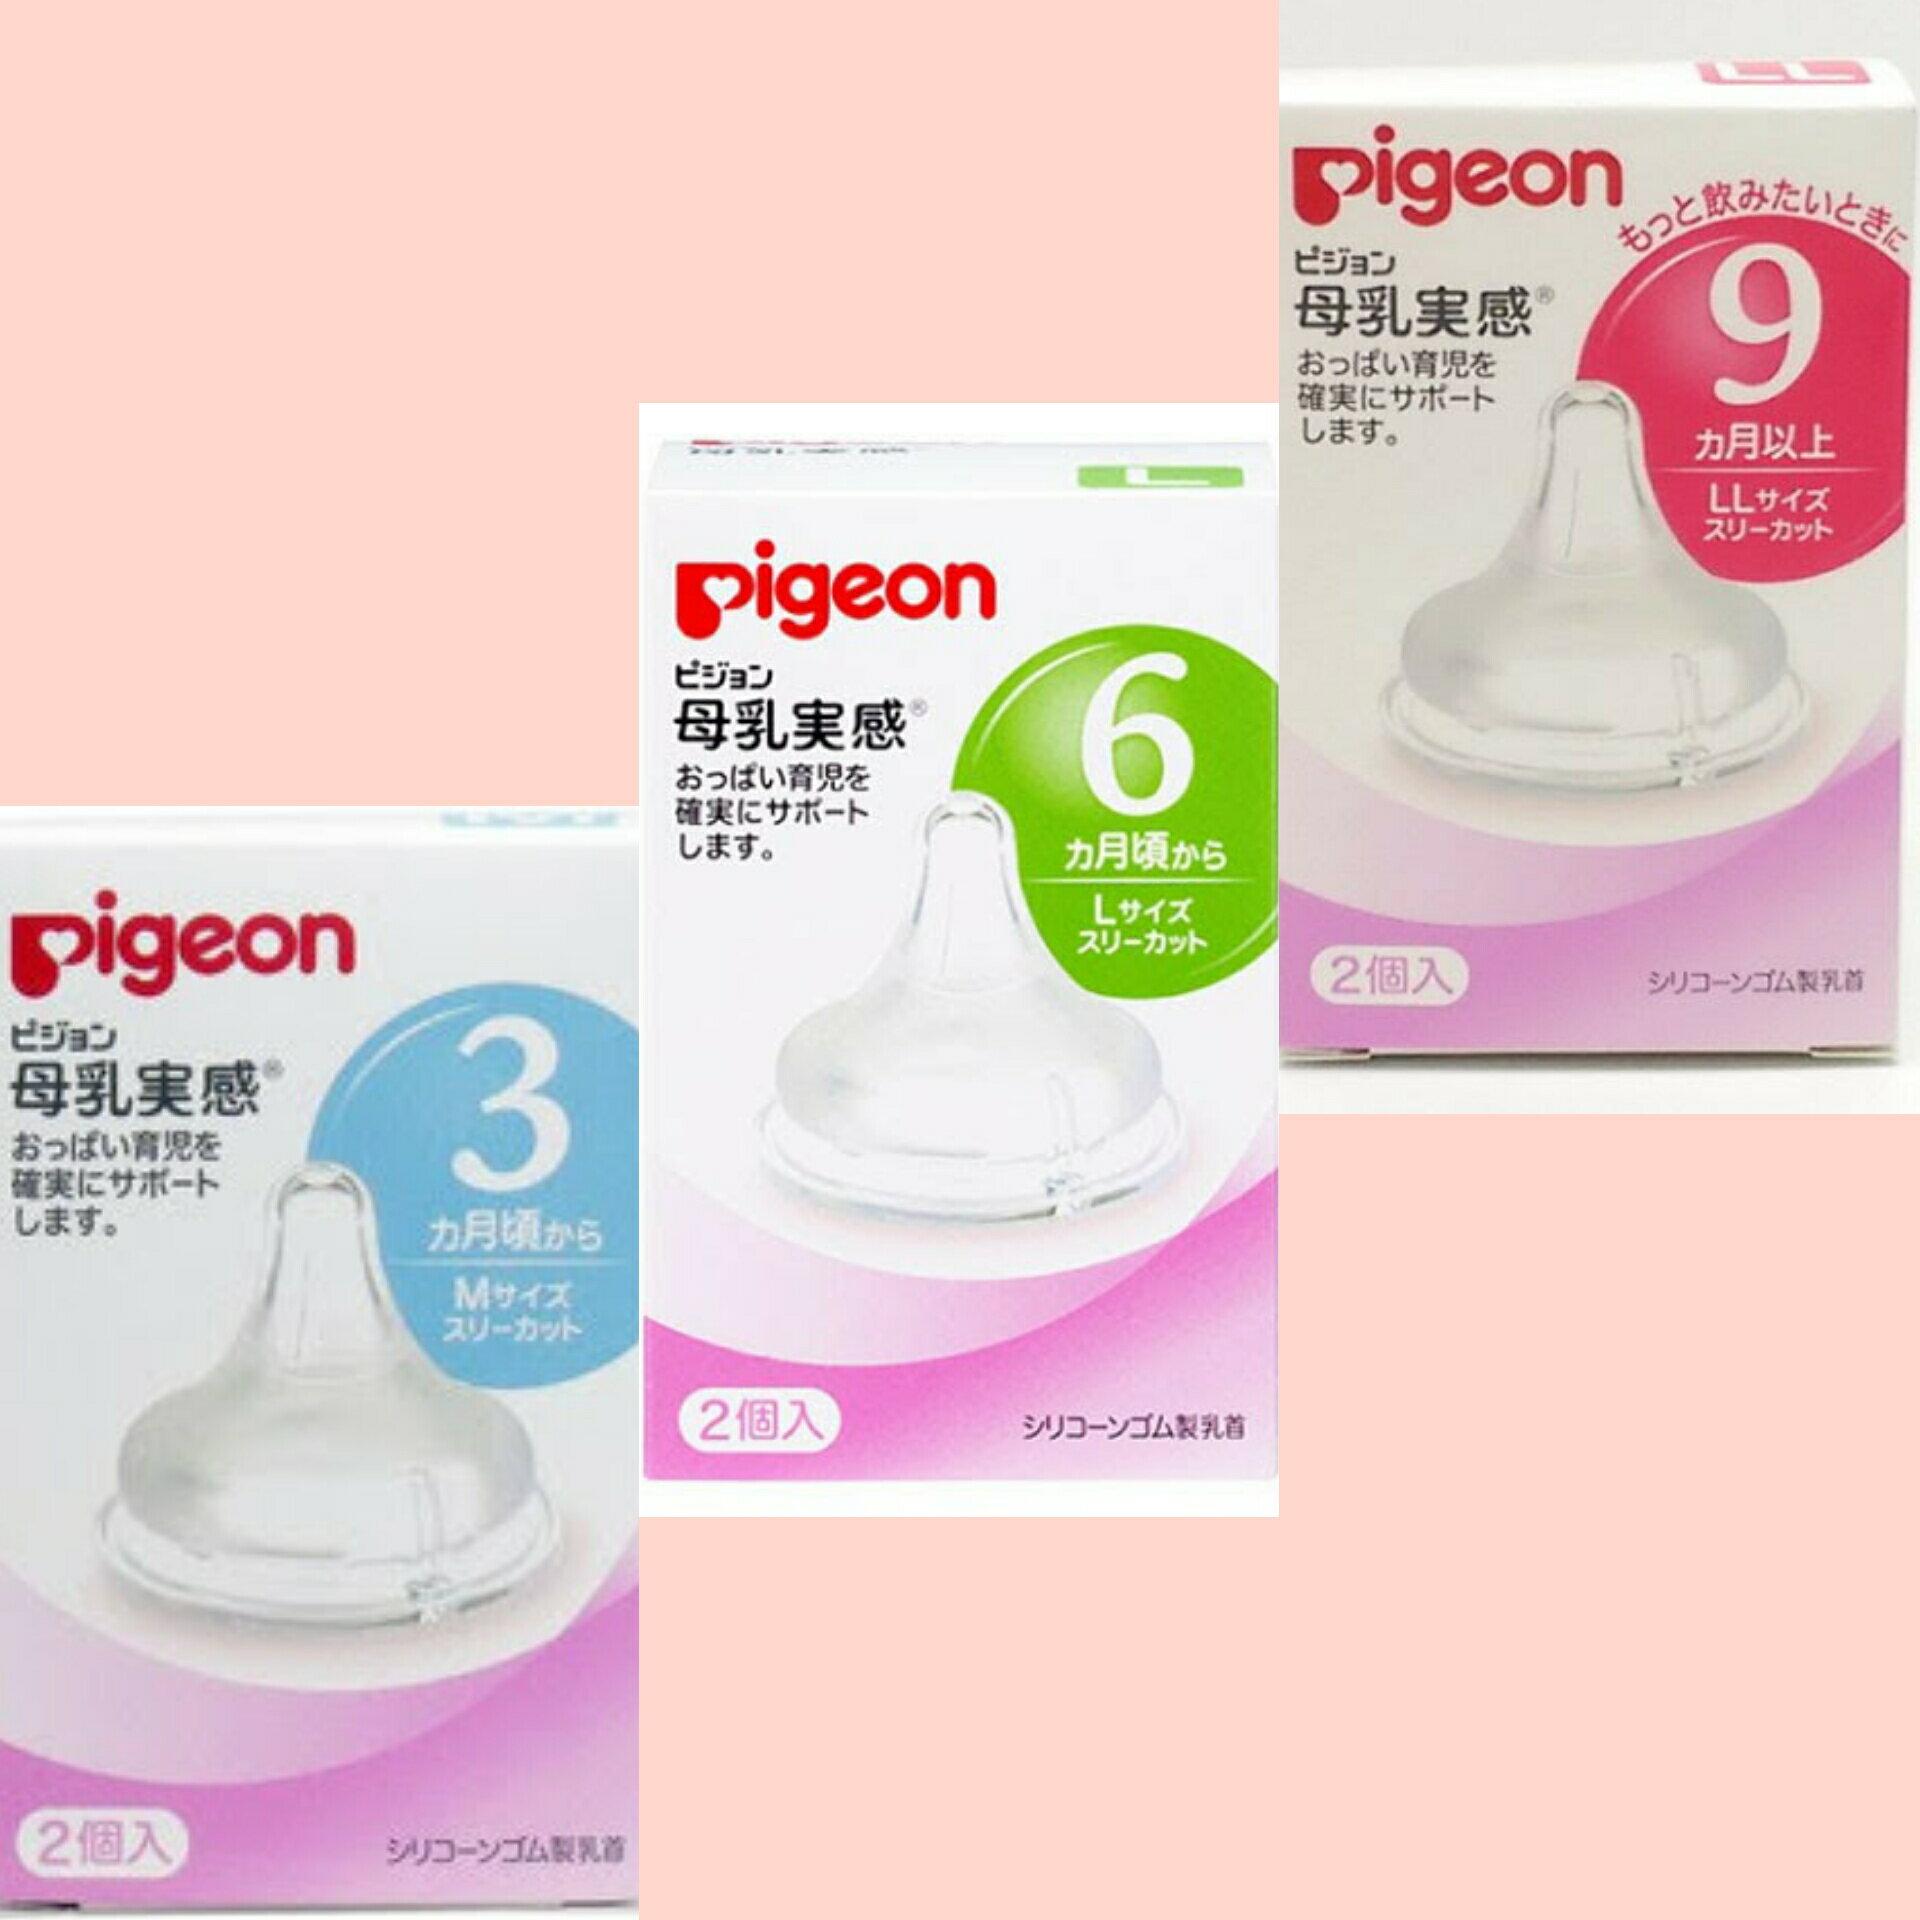 【Pigeon】貝親母乳實感寬口徑矽膠奶嘴 M  L  LL  2入